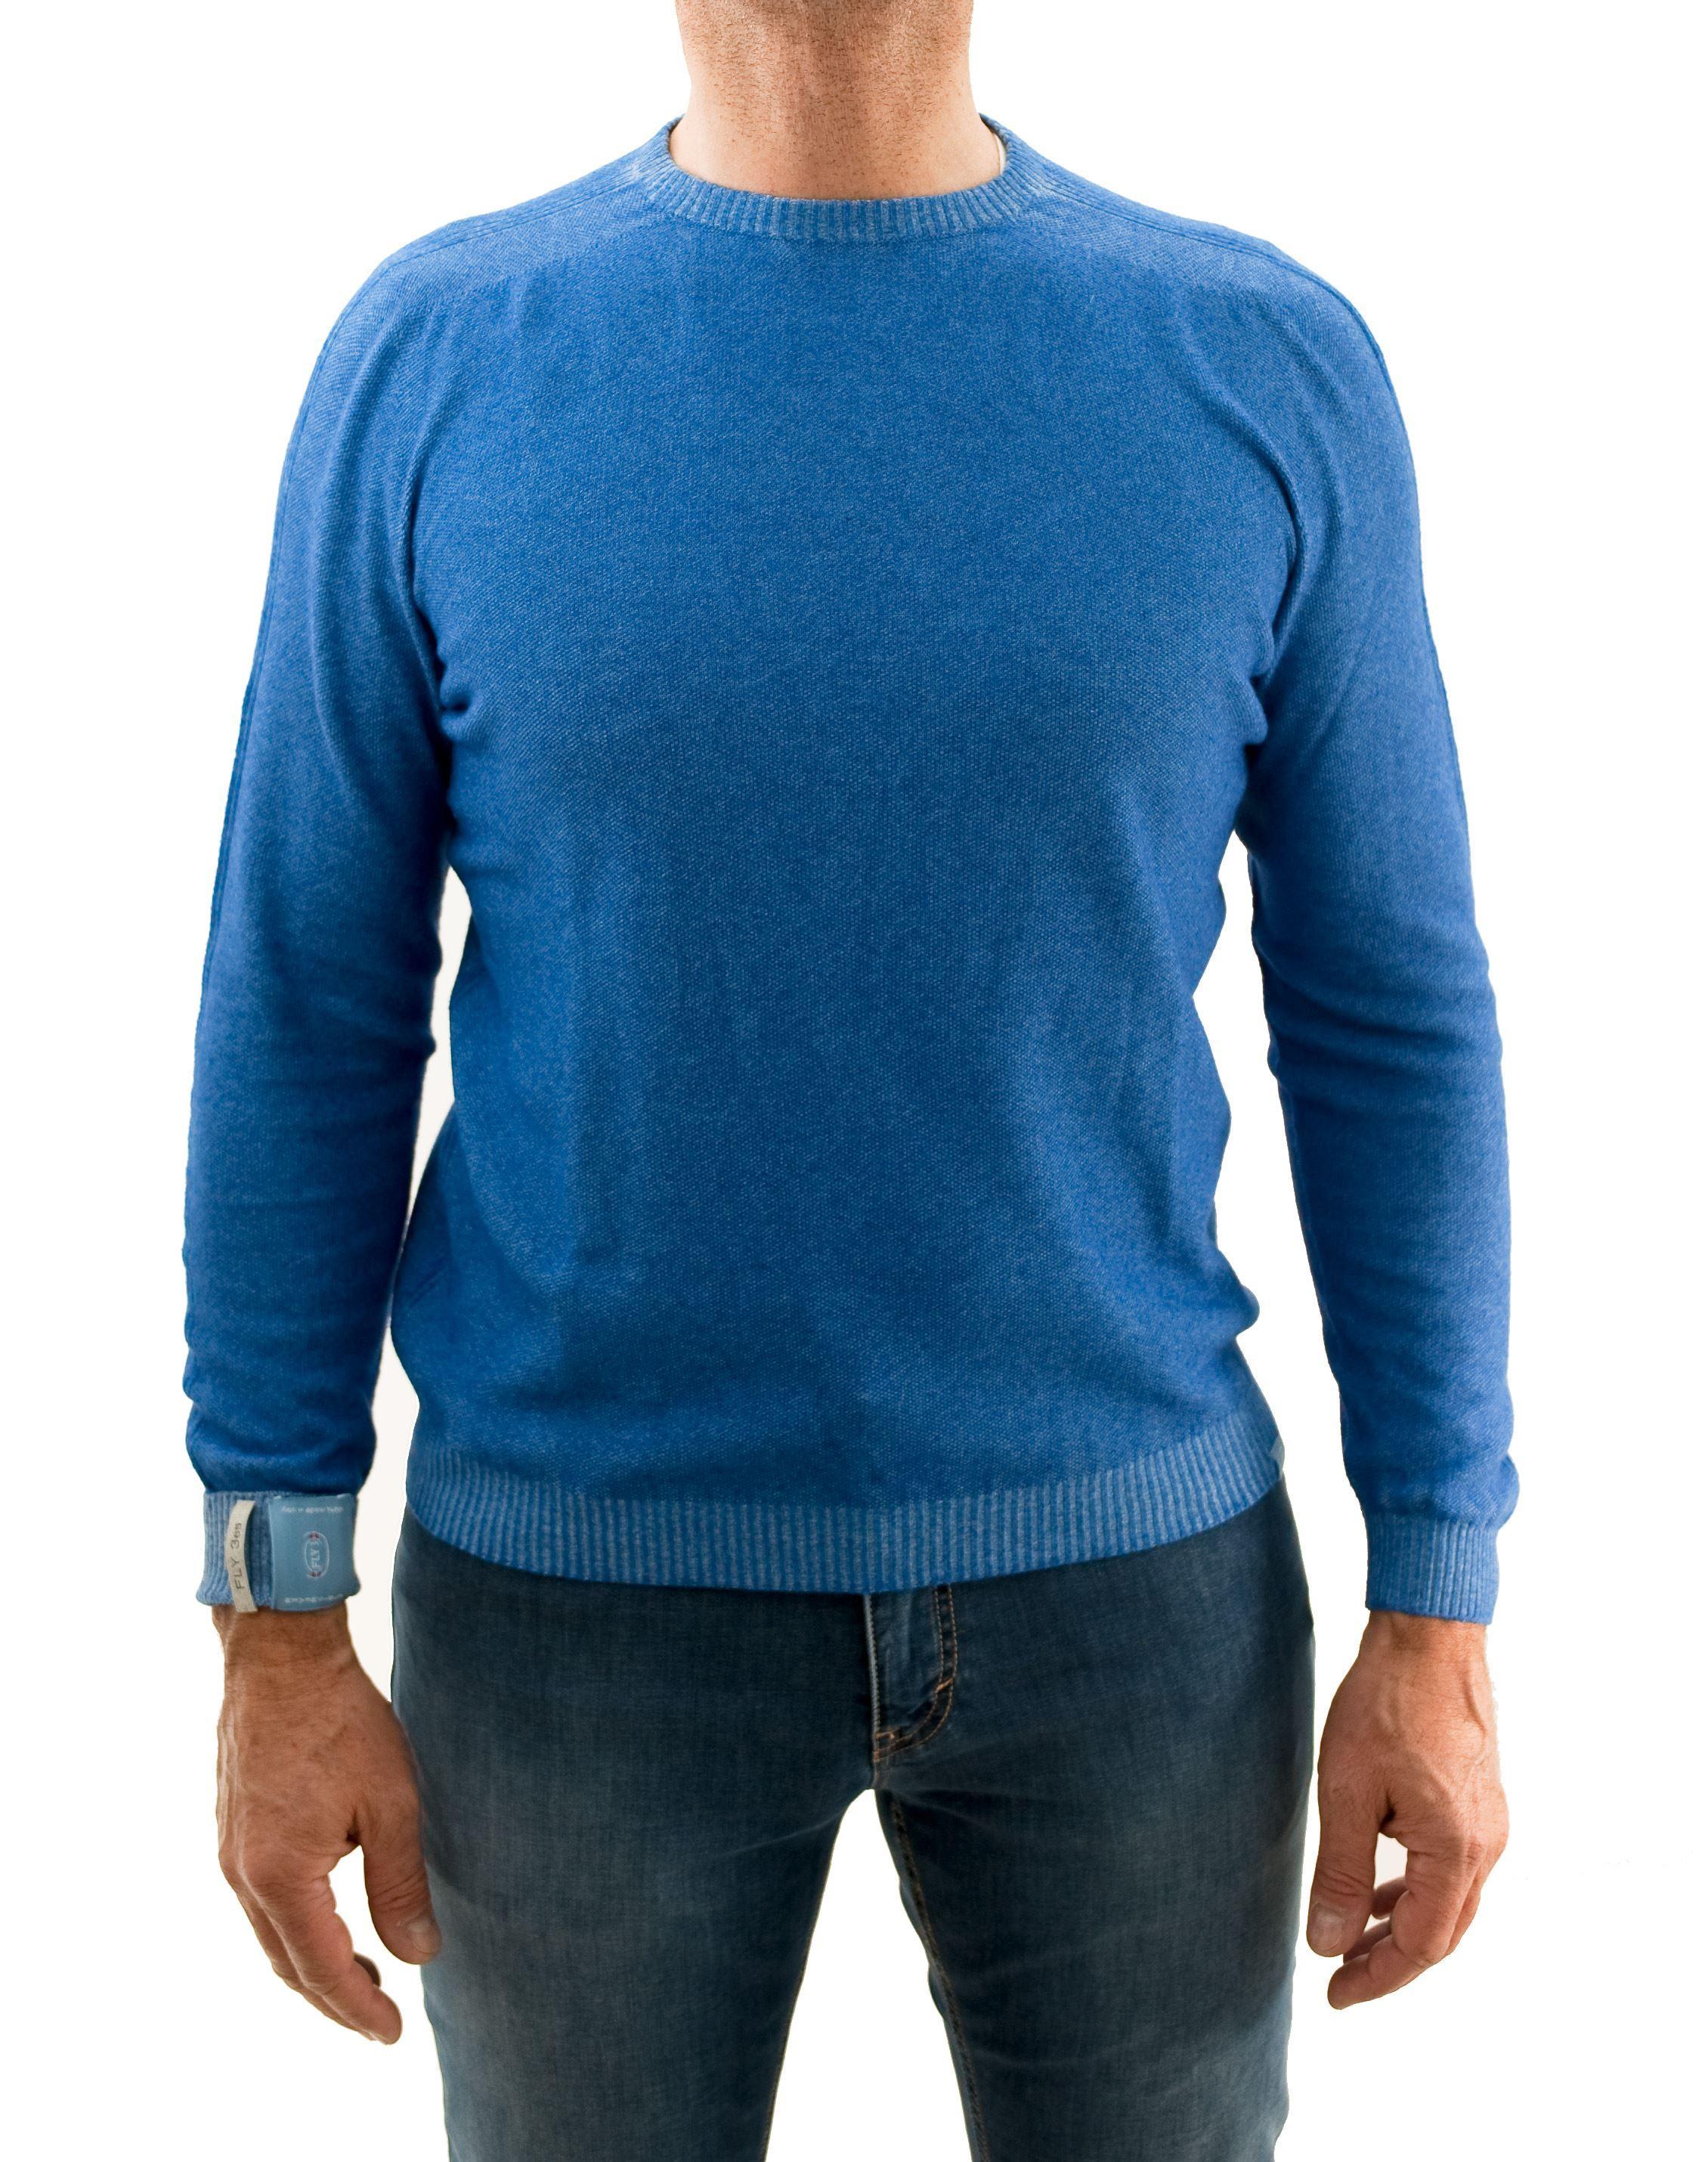 Picture of Camogli cotton and cashmere crewneck